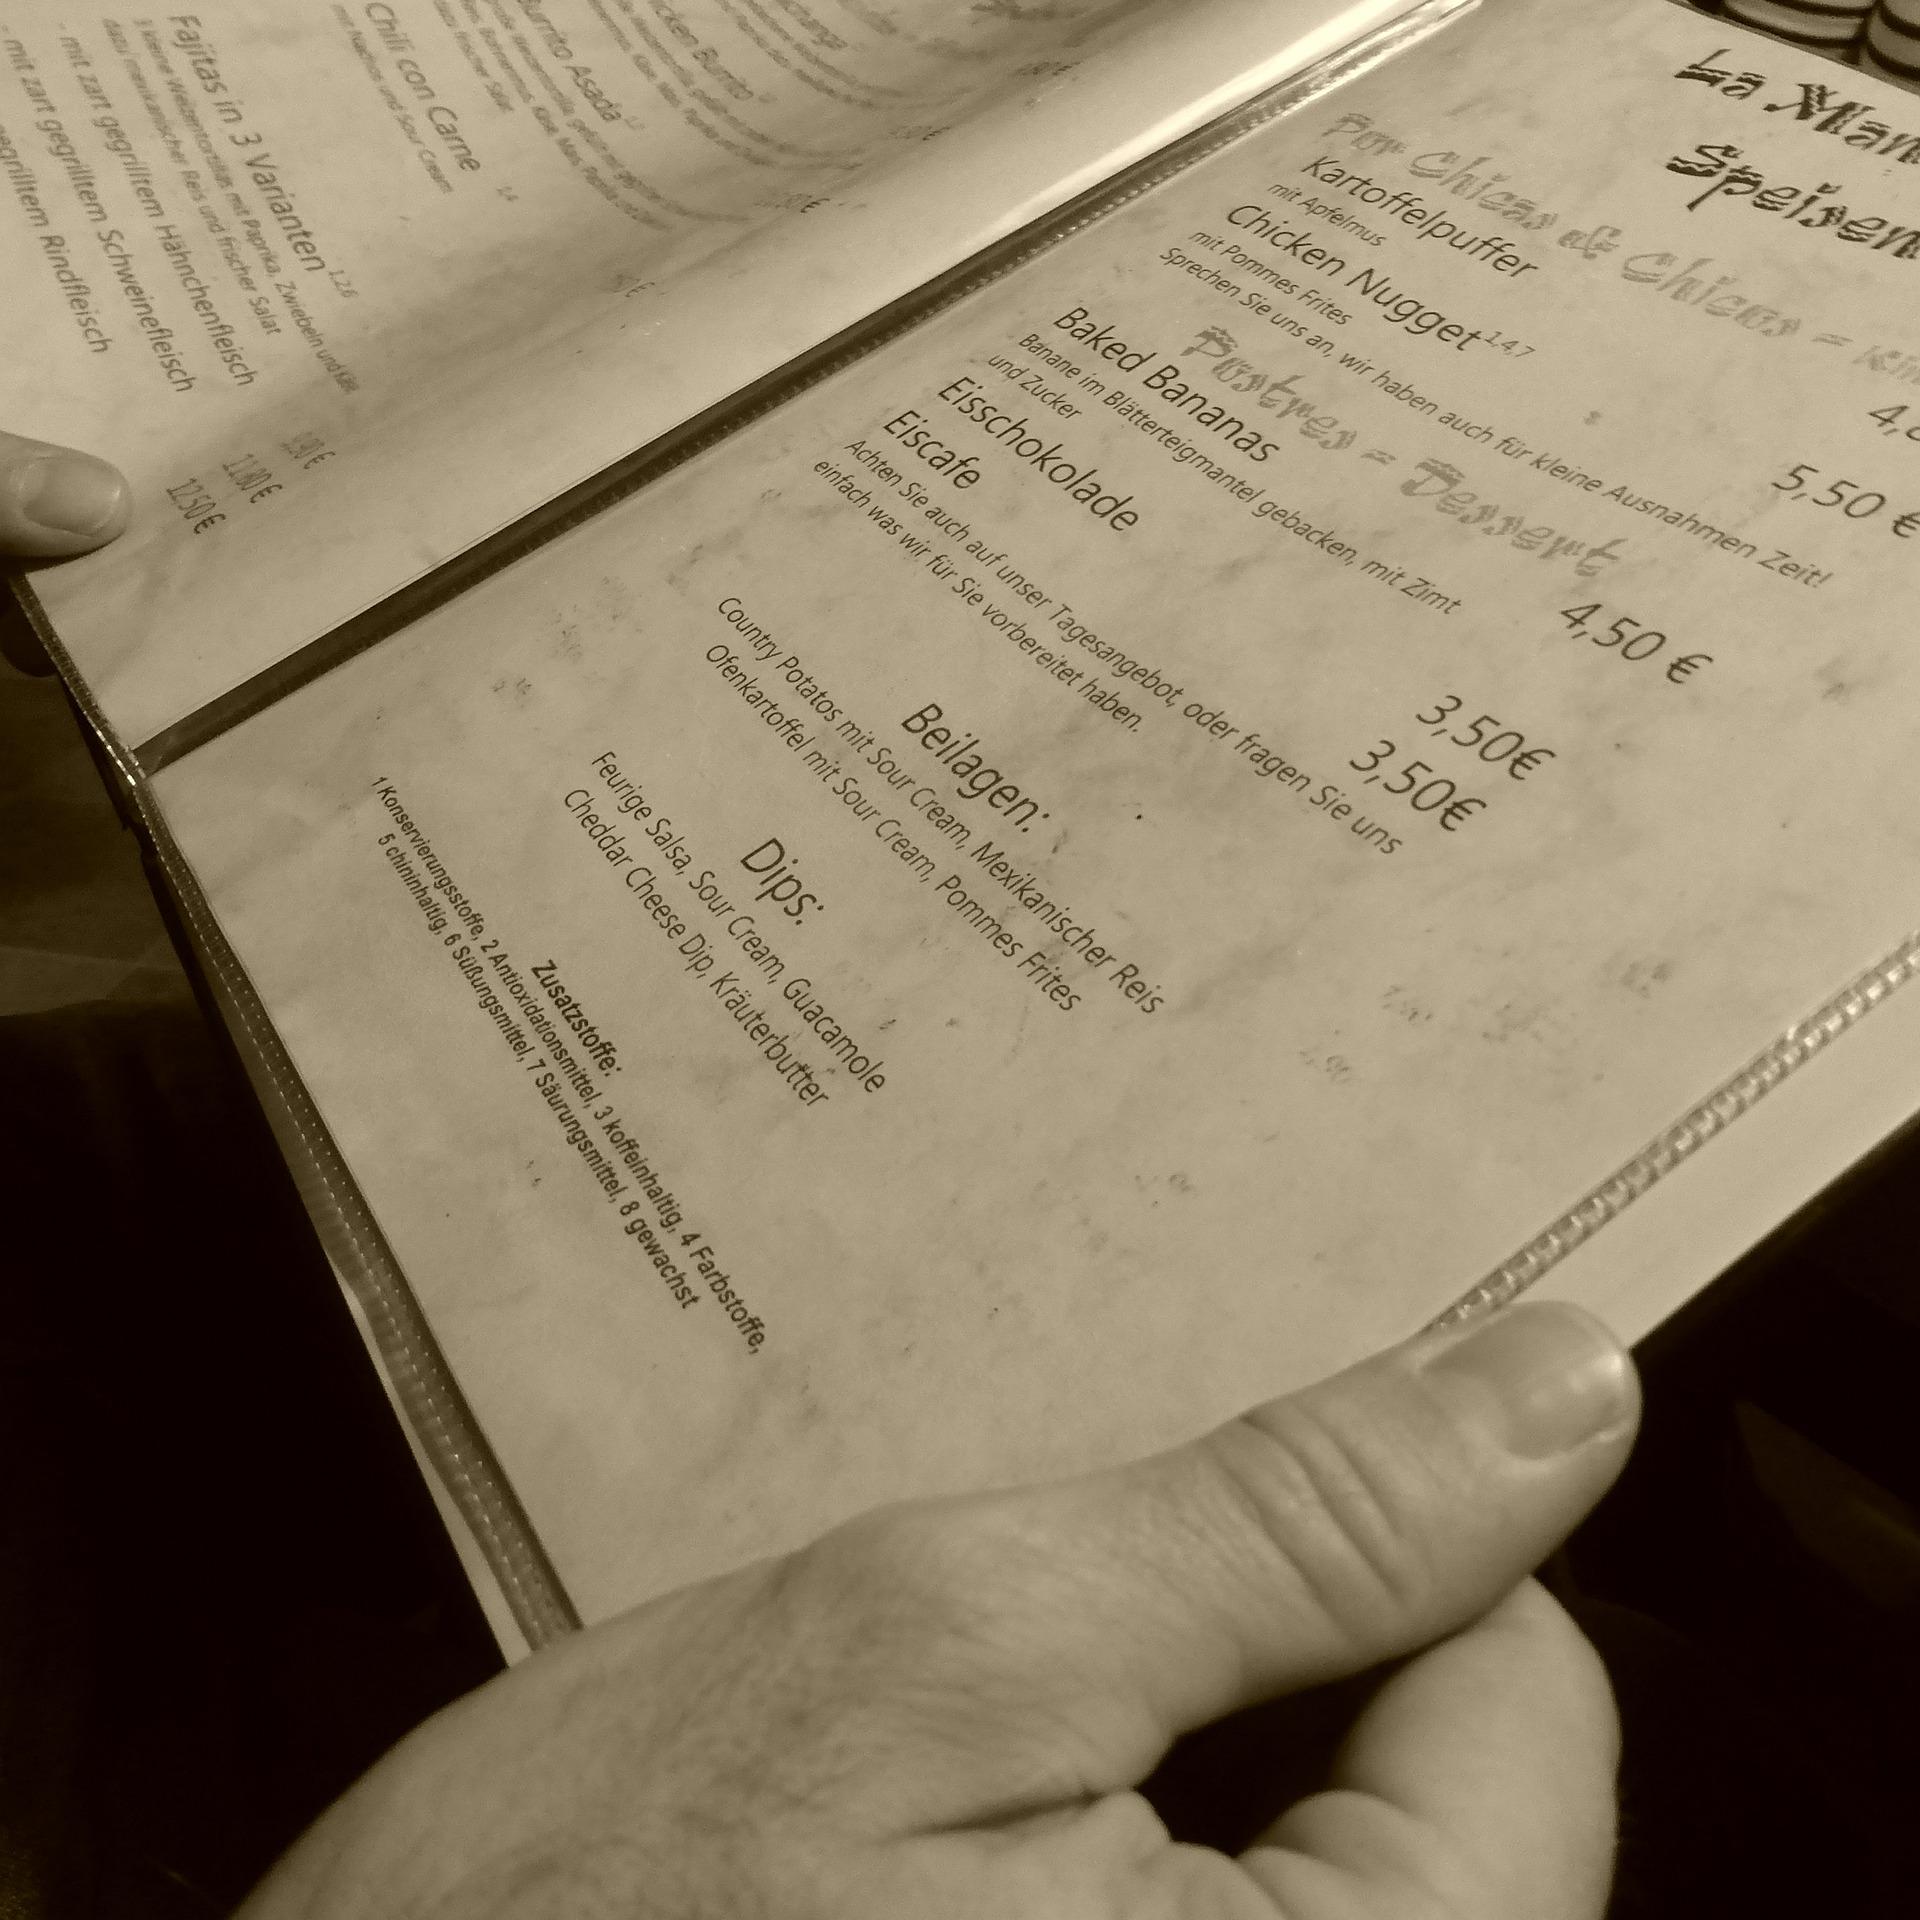 Tipps für eine profitablere Speisekarte - Teil 1